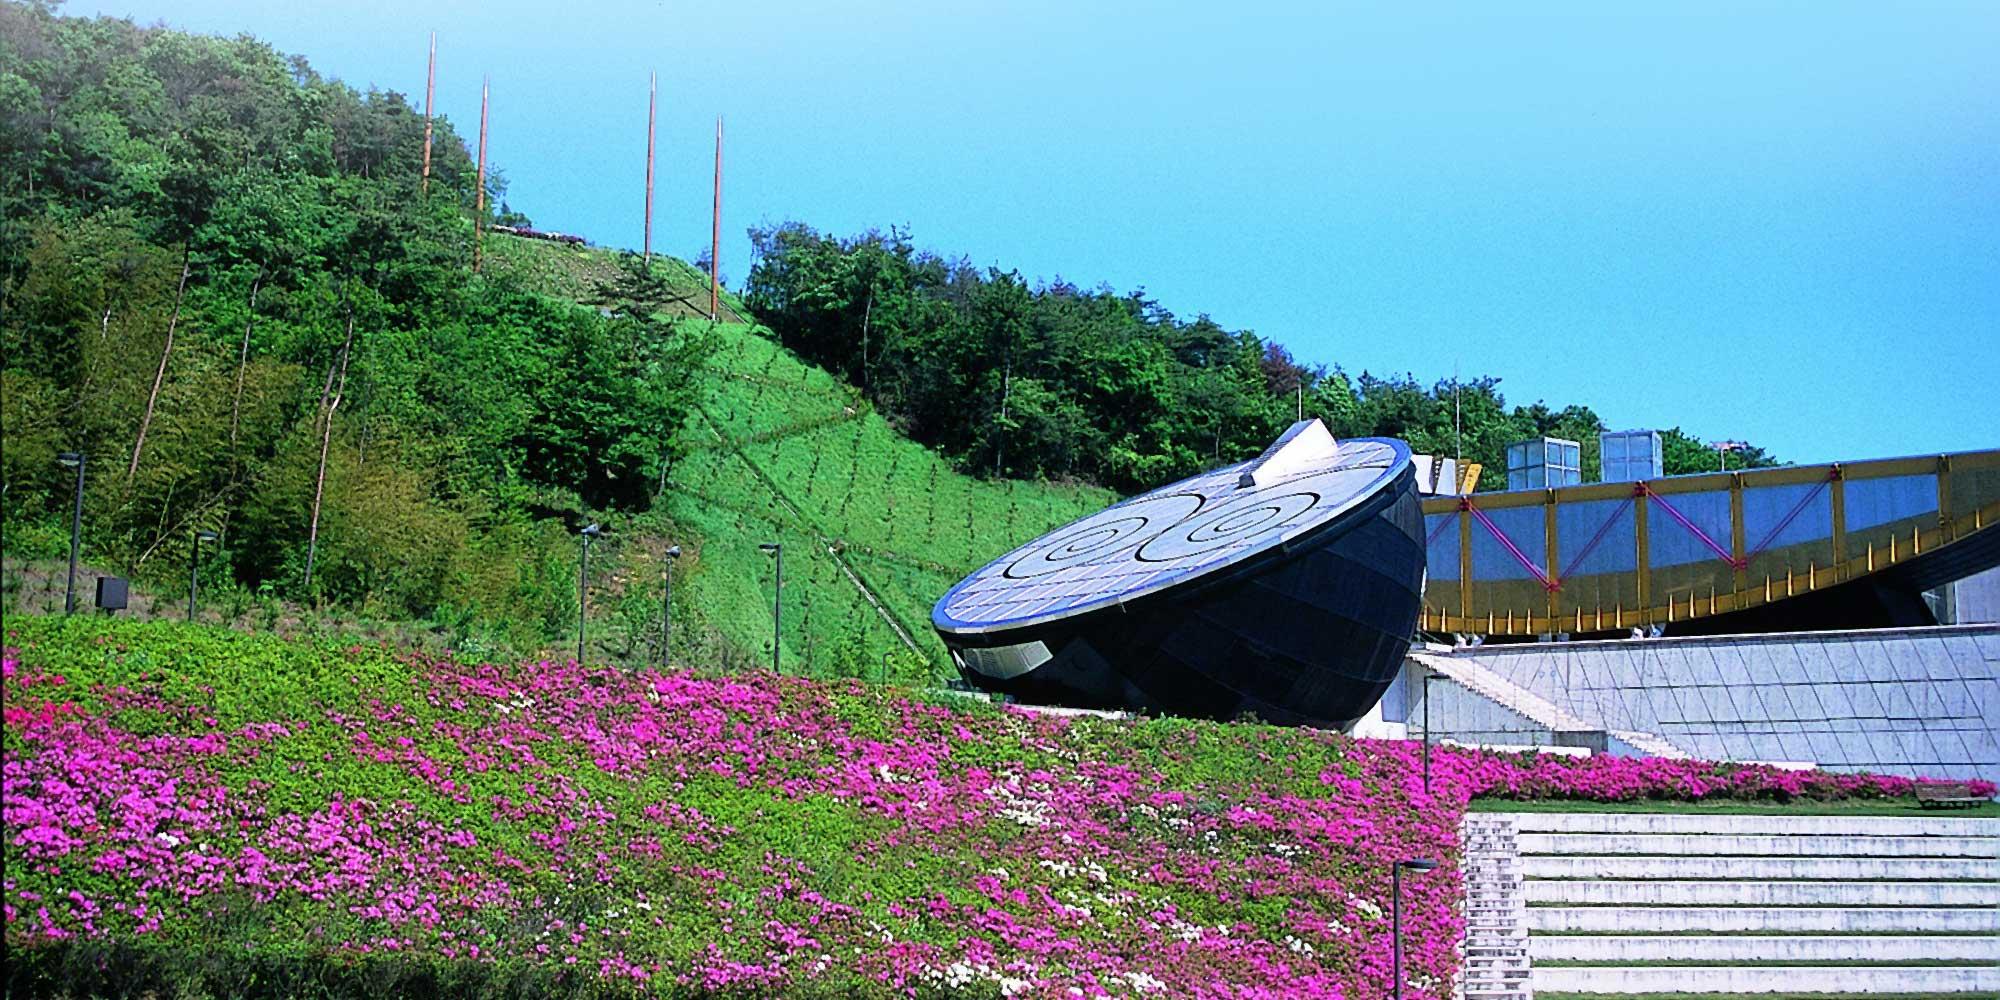 日本のまんなかにある芸術と科学の融合施設 日本へそ公園